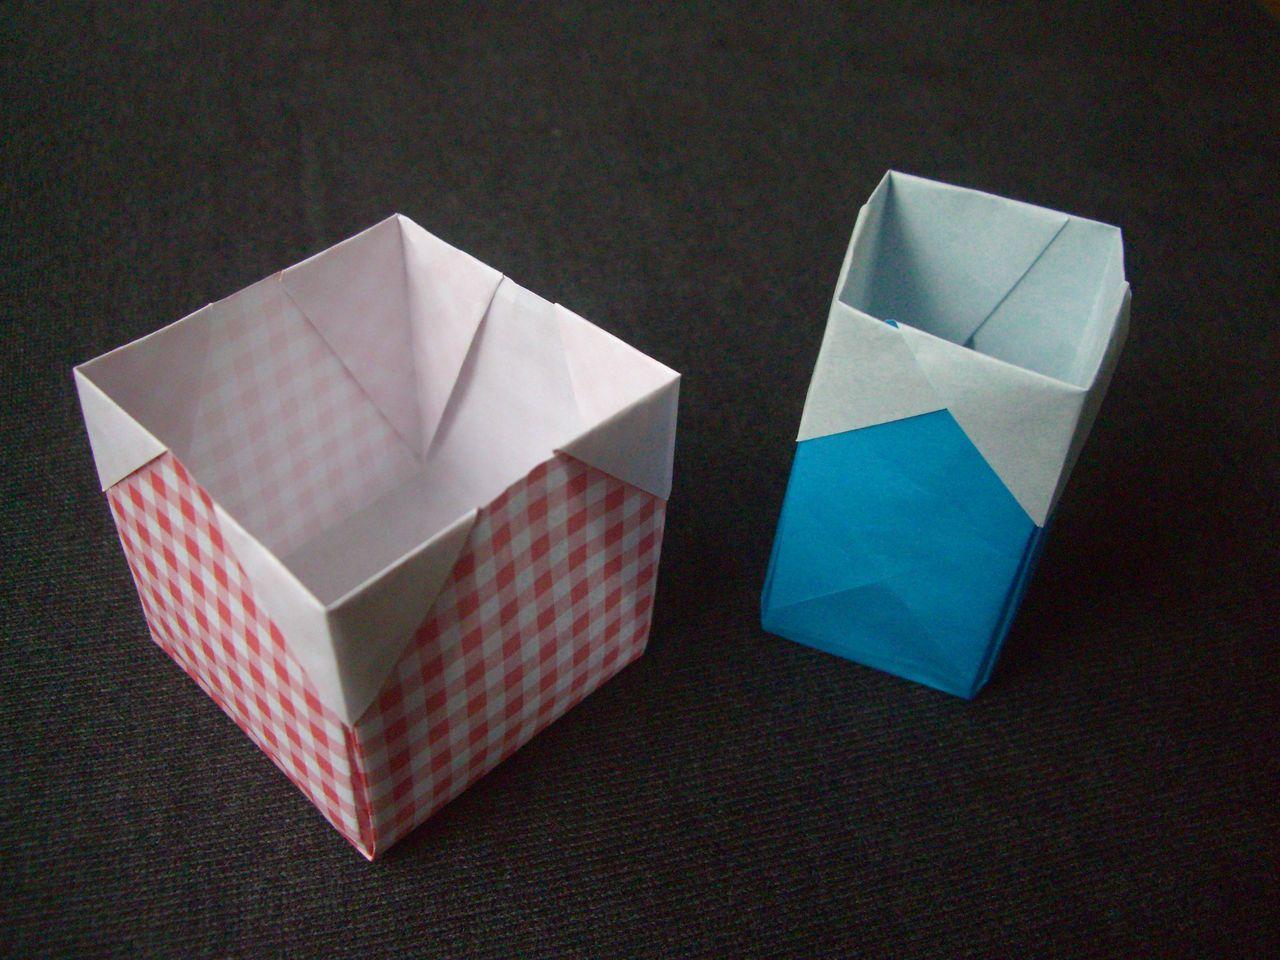 すべての折り紙 折り紙 箱 正方形 : 箱は、底の部分を小さな正方形 ...